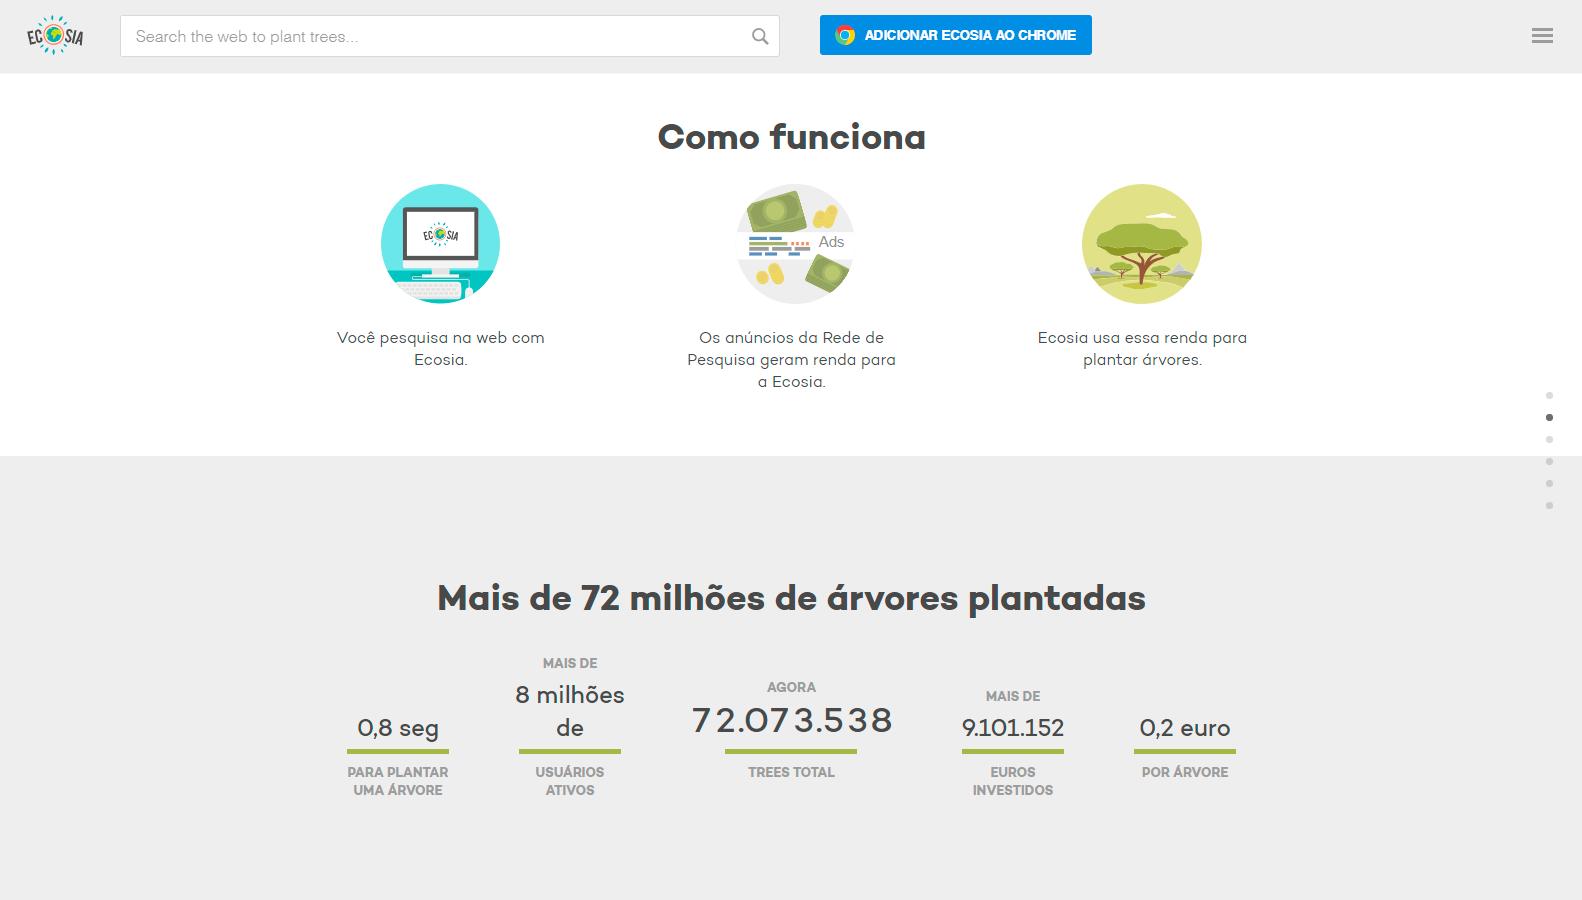 Ecosia - Como funciona?